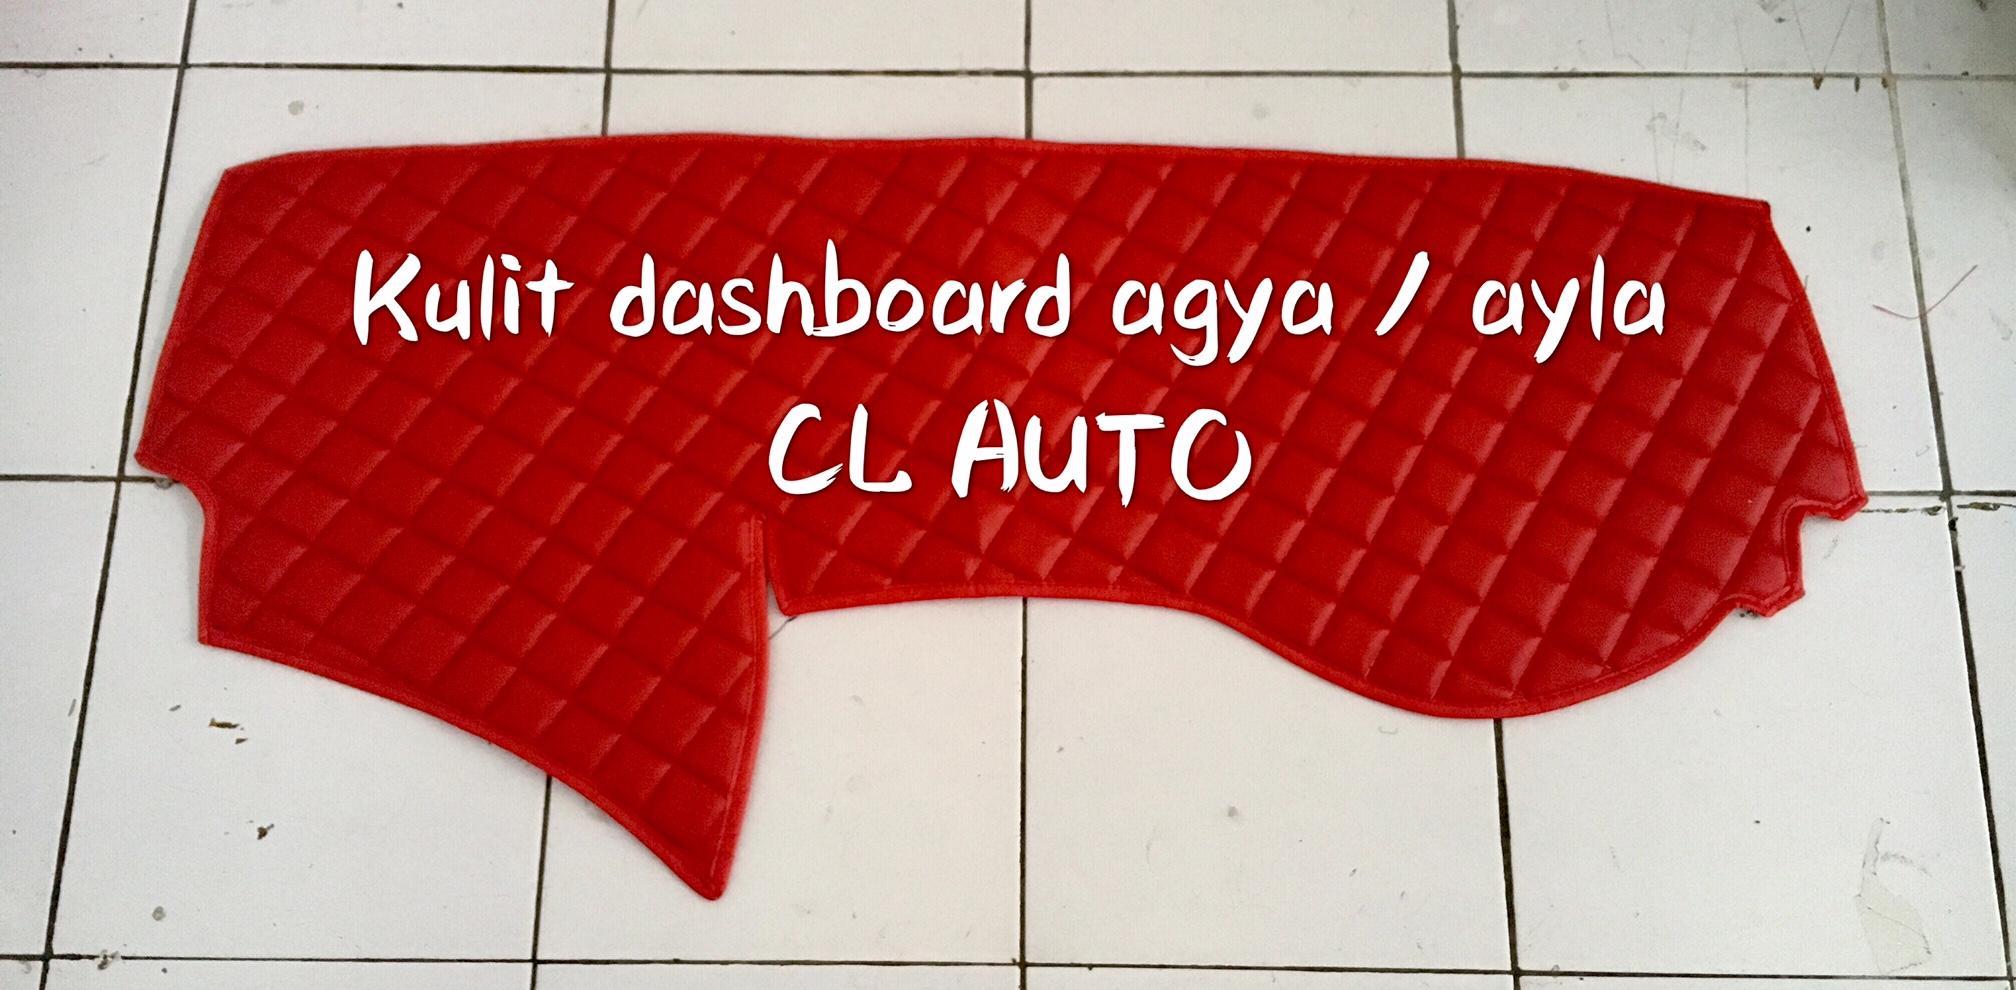 alas pelindung dashboard bahan kulit untuk mobil agya warna merah total / cover pelindung dasbot kulit ayla warna merah polos / tatakan dashboard kulit premium